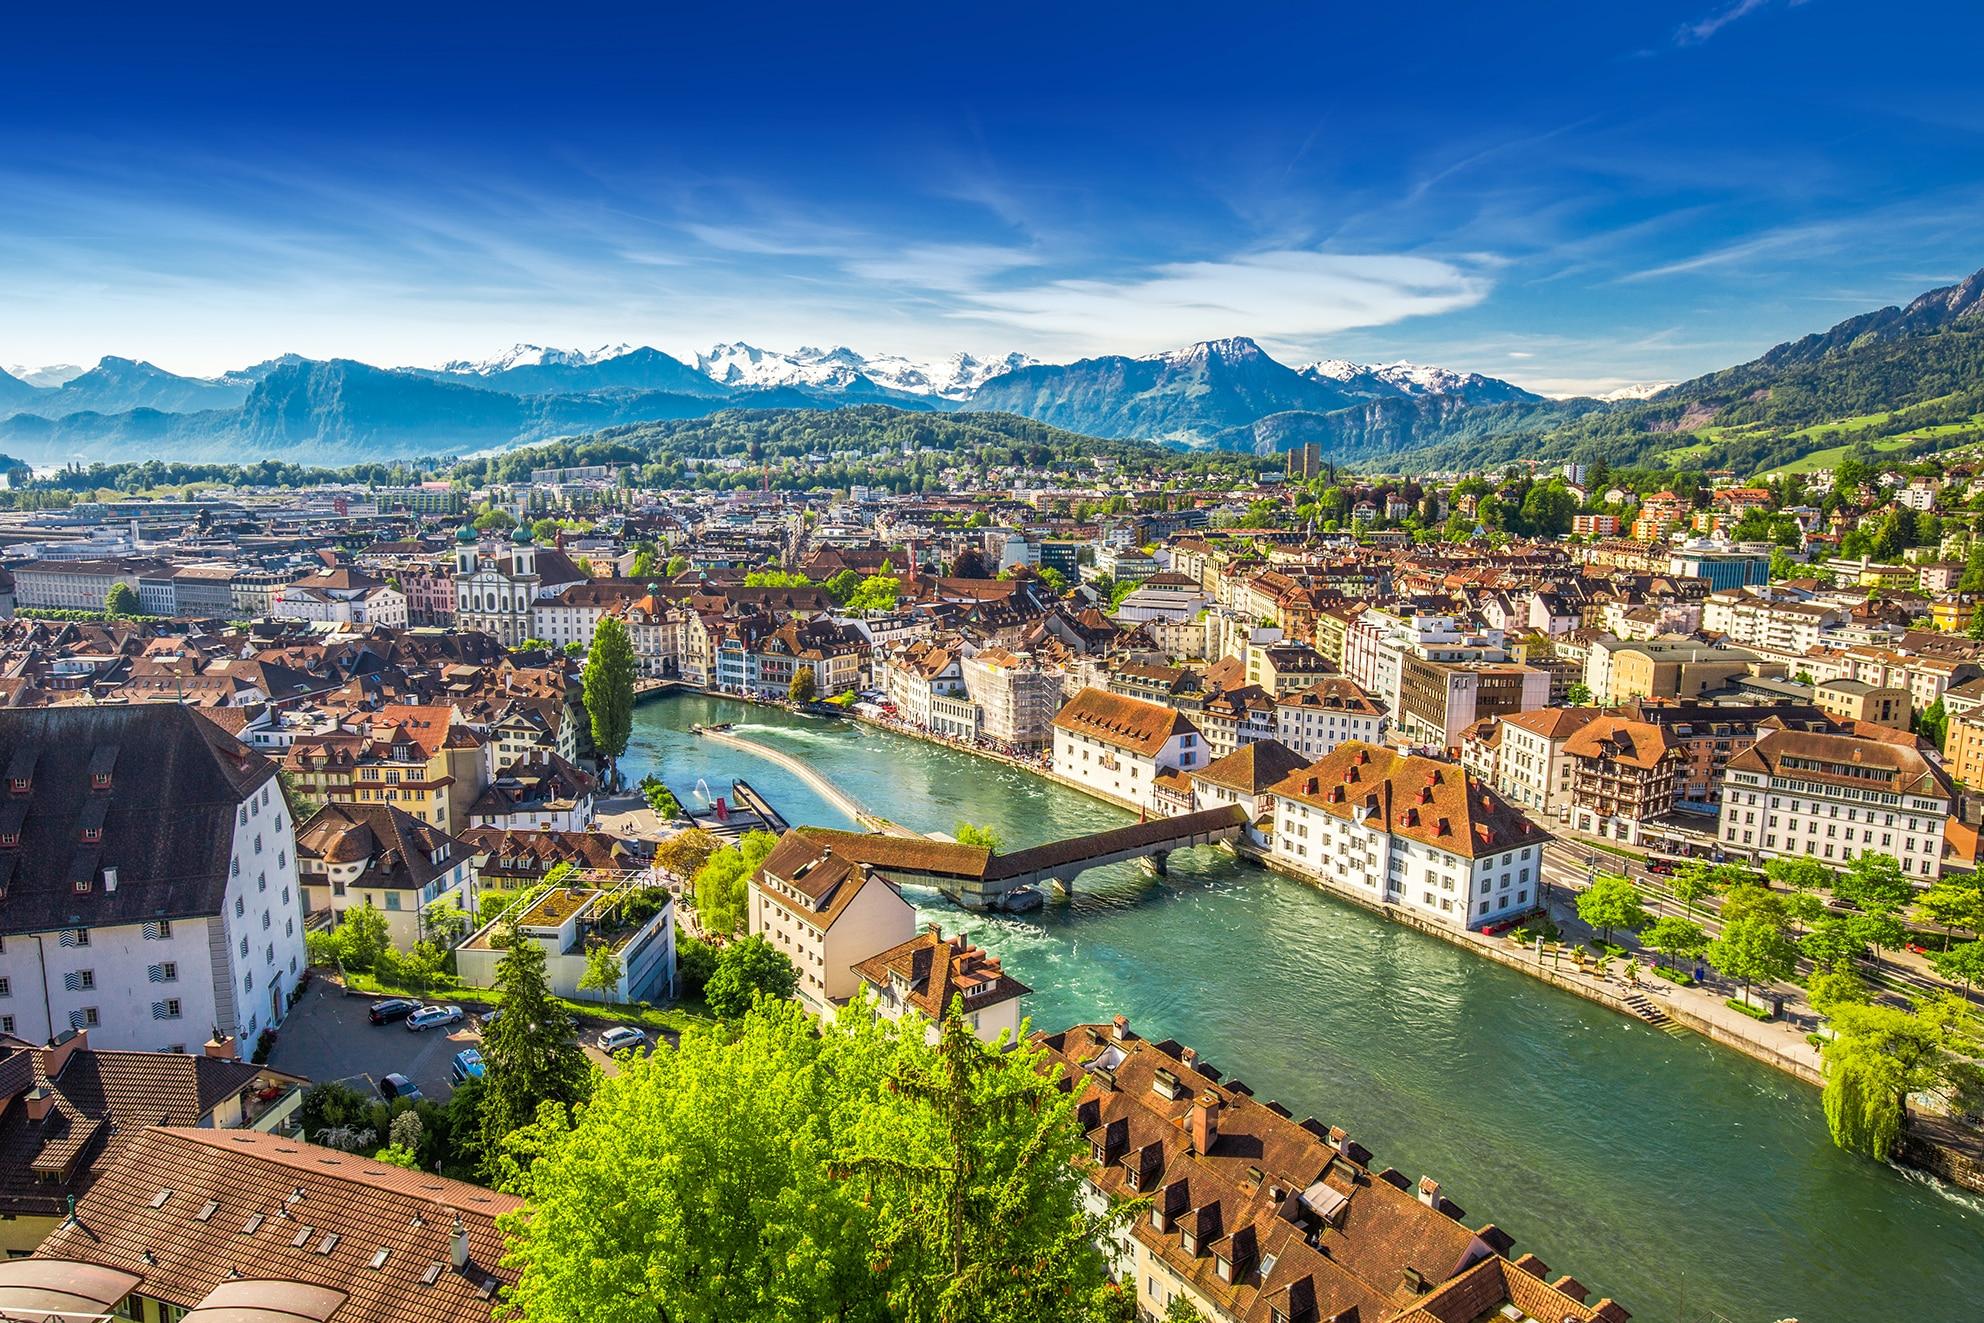 ผลการค้นหารูปภาพสำหรับ เมืองสวิตเซอร์แลนด์